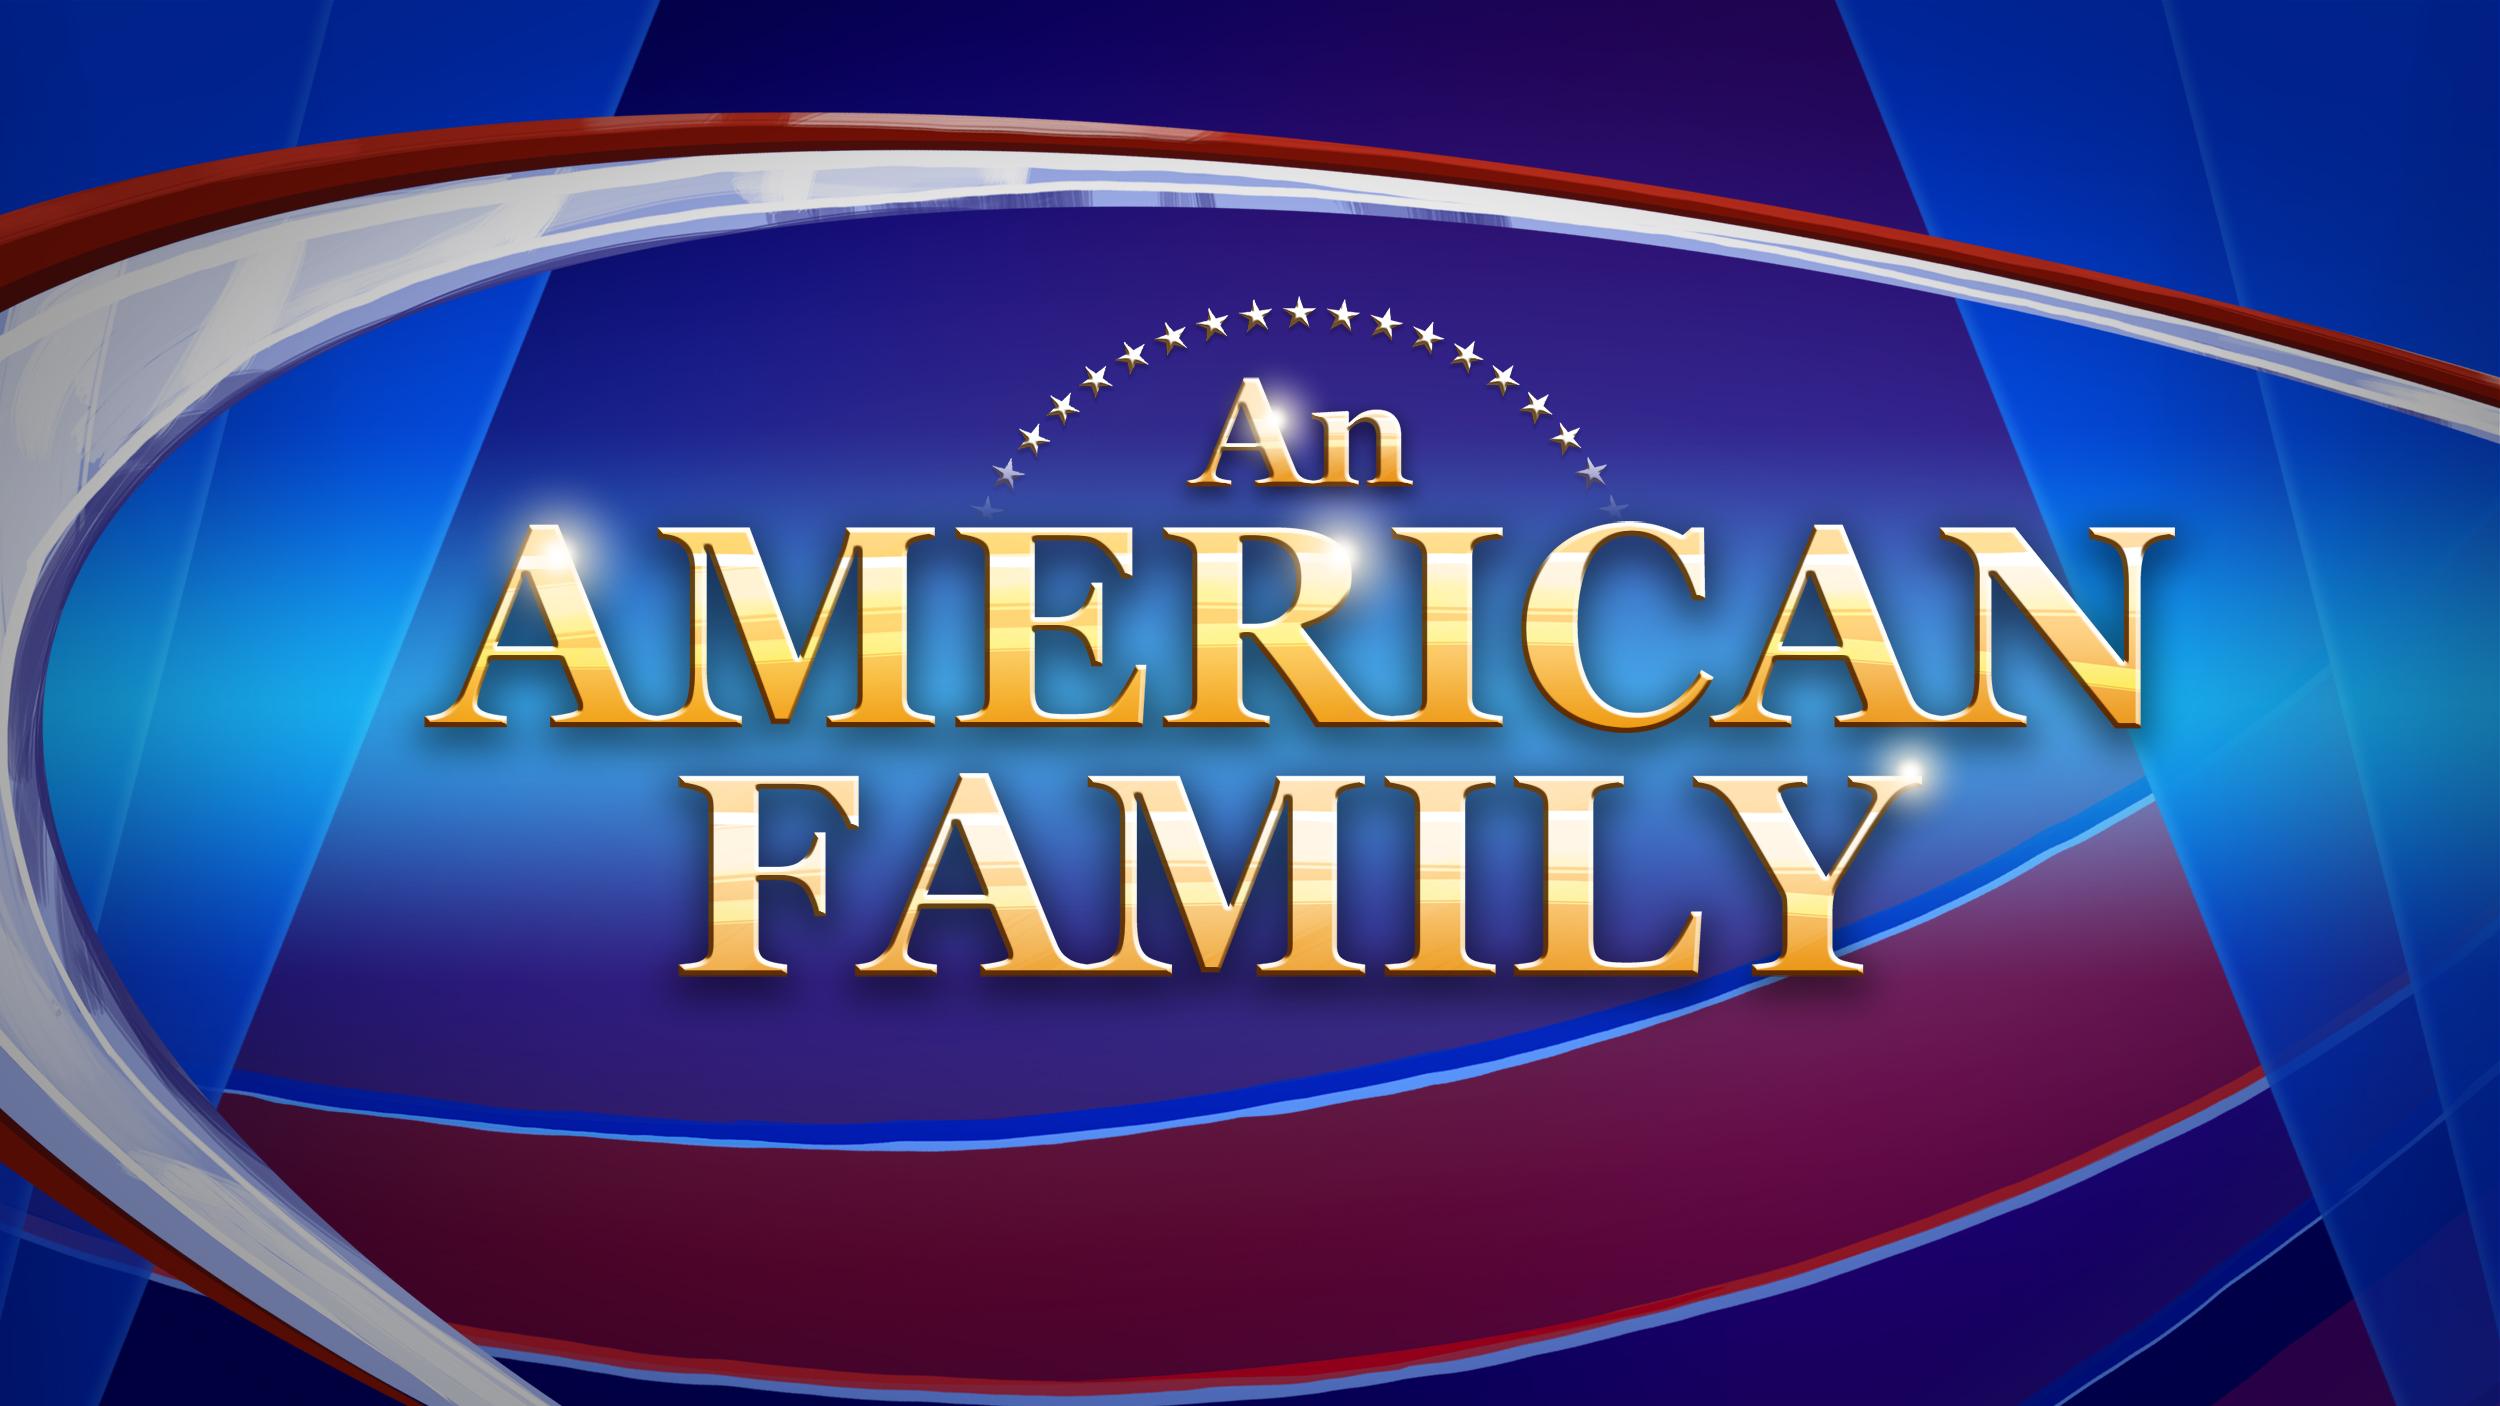 AmericanFamily.jpg